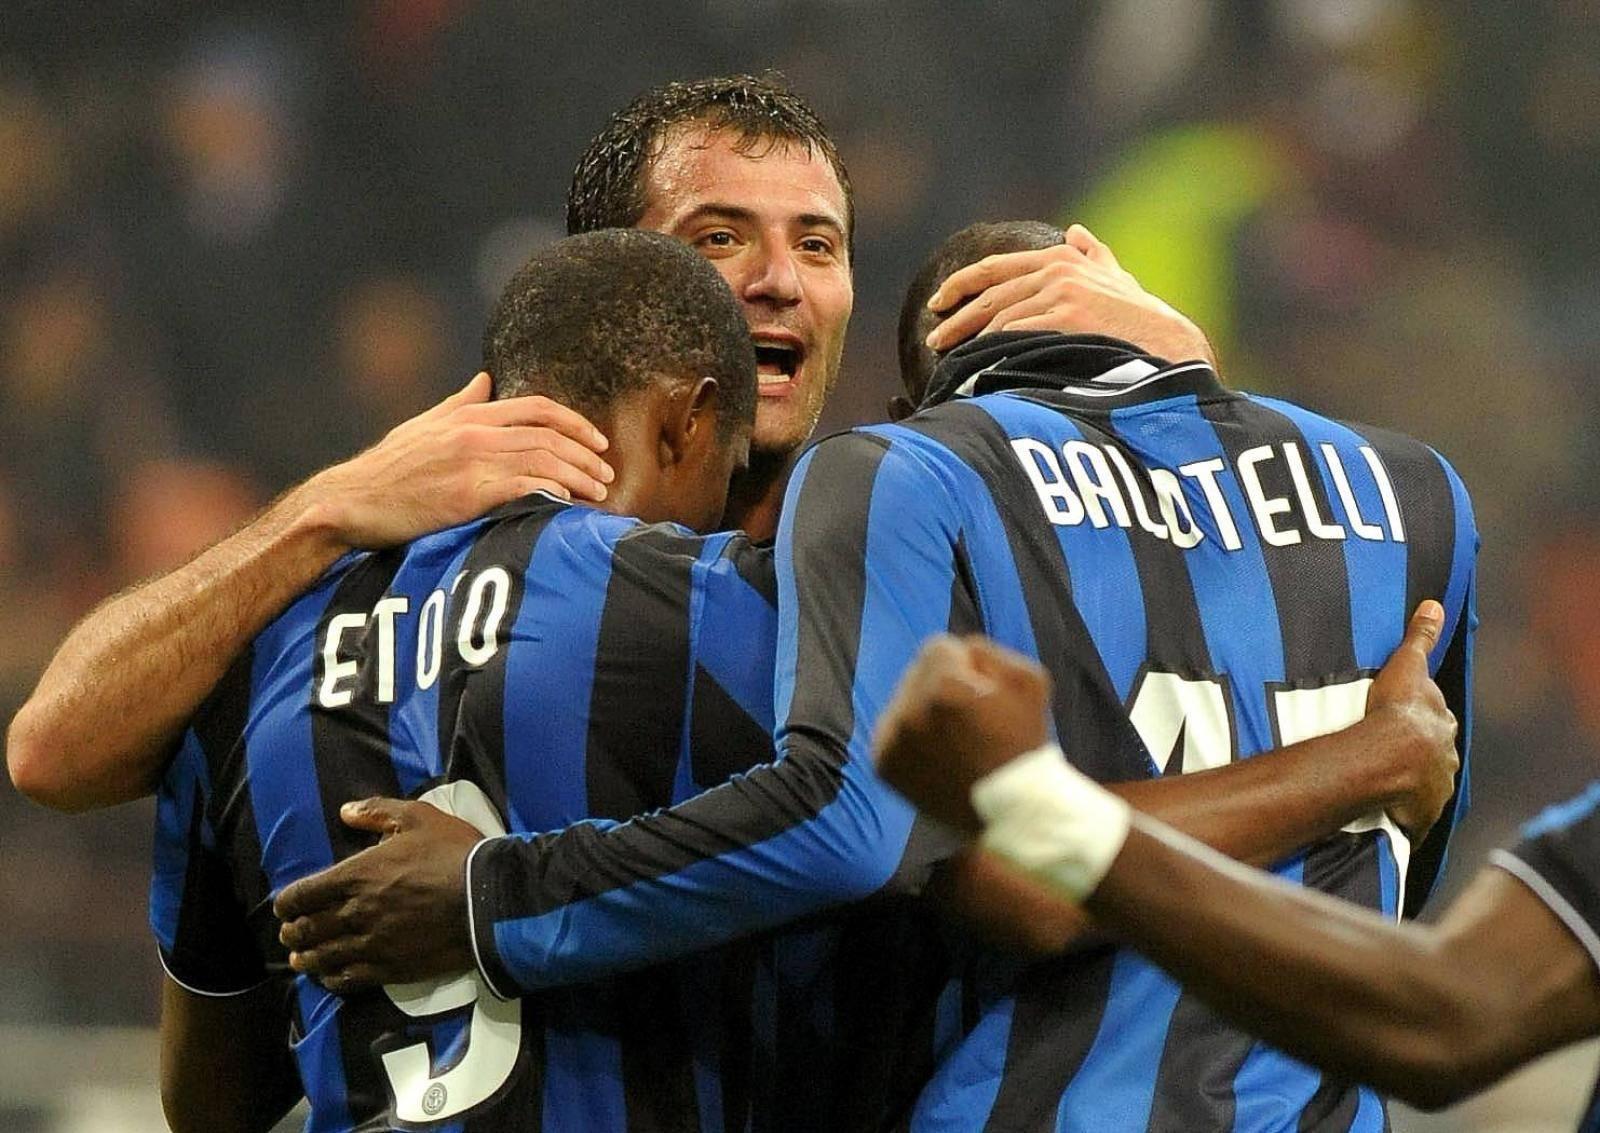 ITA, Serie A, Inter FC vs Palermo